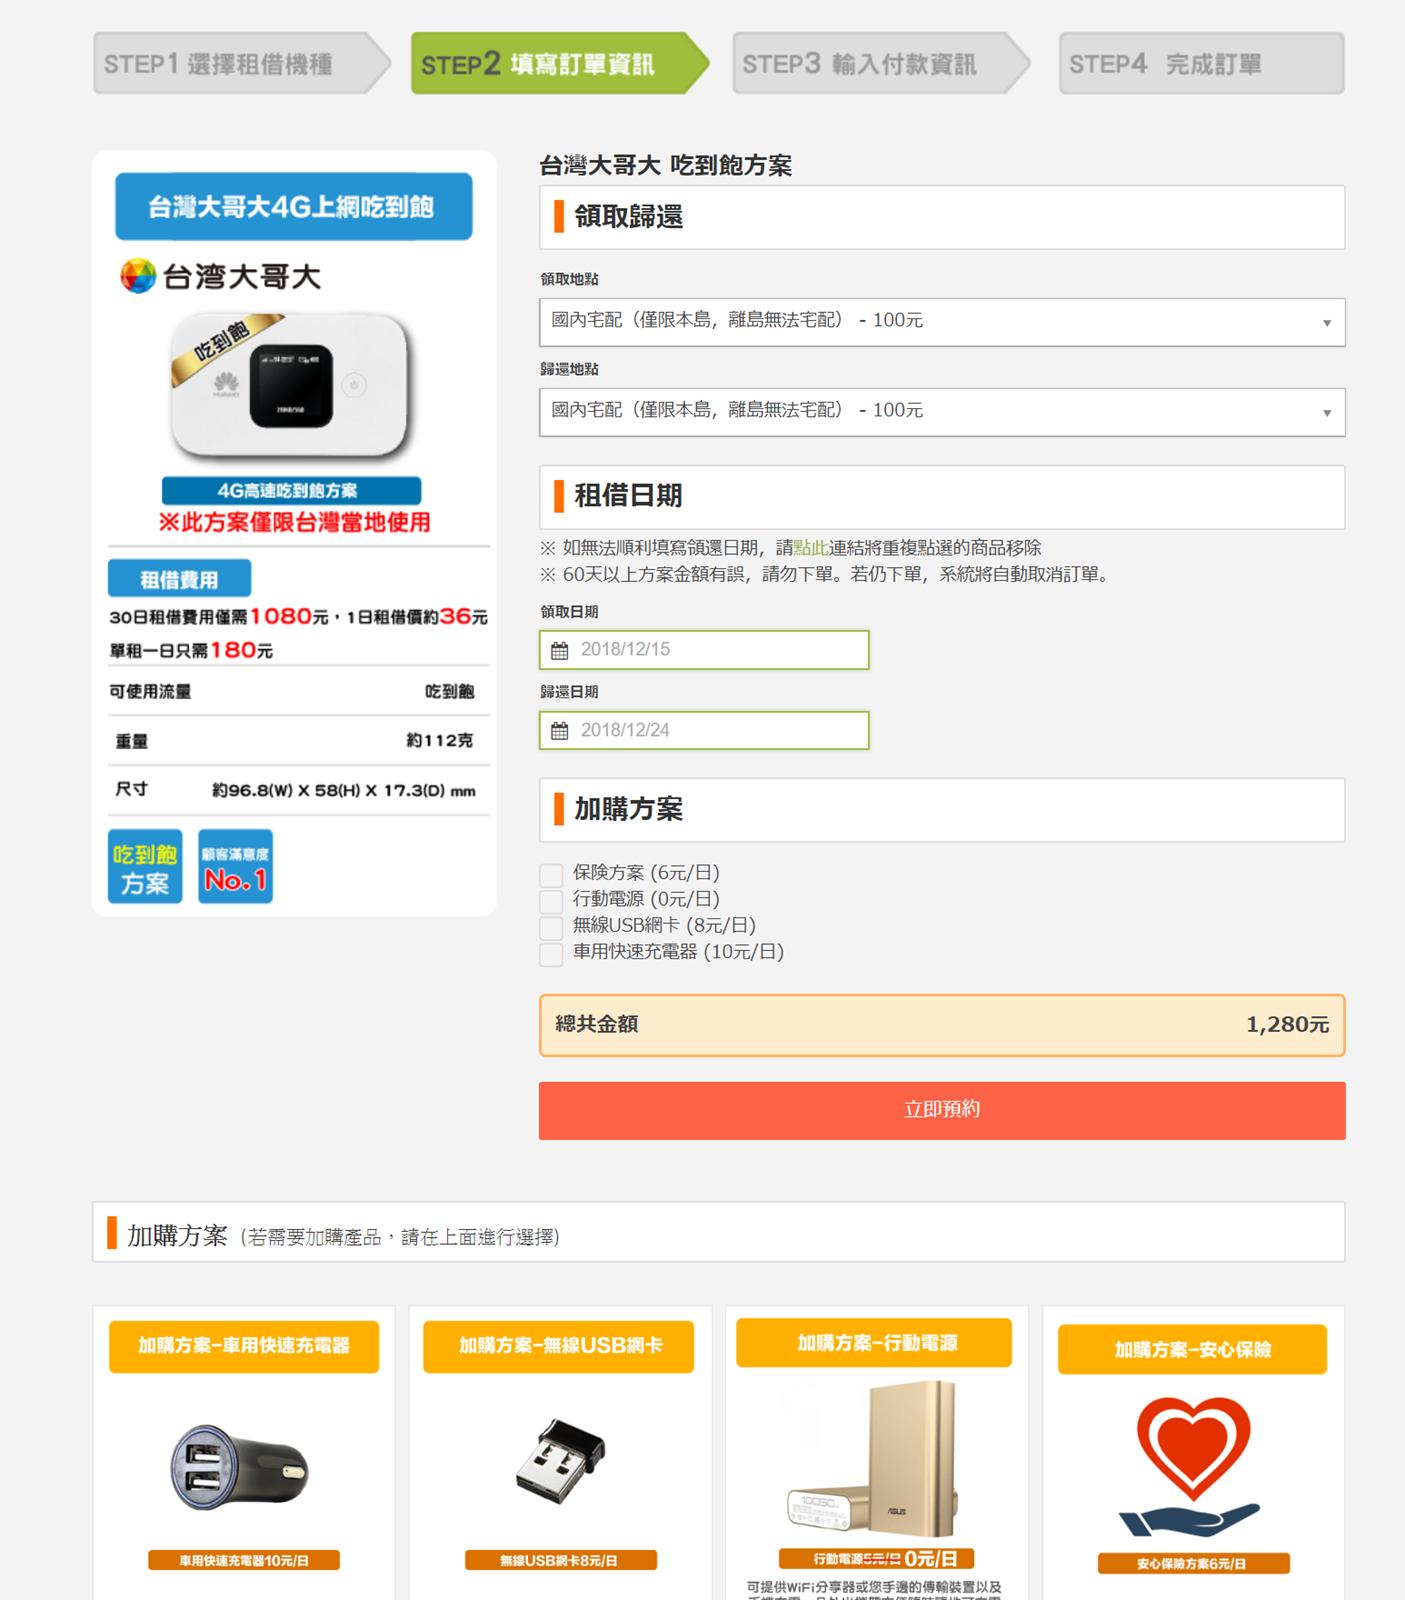 『台灣租借 WiFi』簡單租!輕鬆用!經濟實惠來台旅遊上網好選擇! @3C 達人廖阿輝